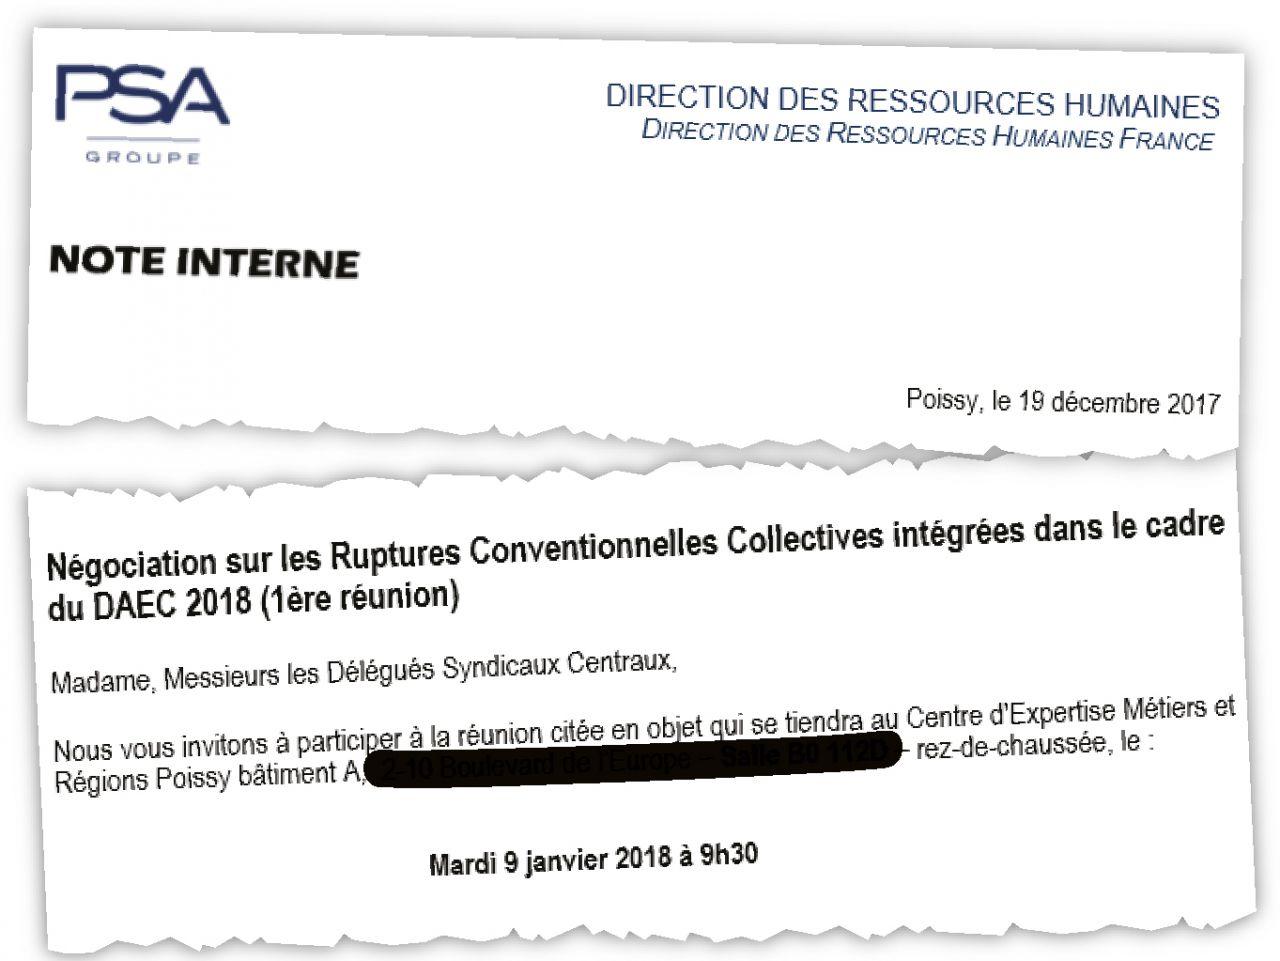 PSA veut supprimer des postes grâce aux nouvelles ordonnances de la loi Travail